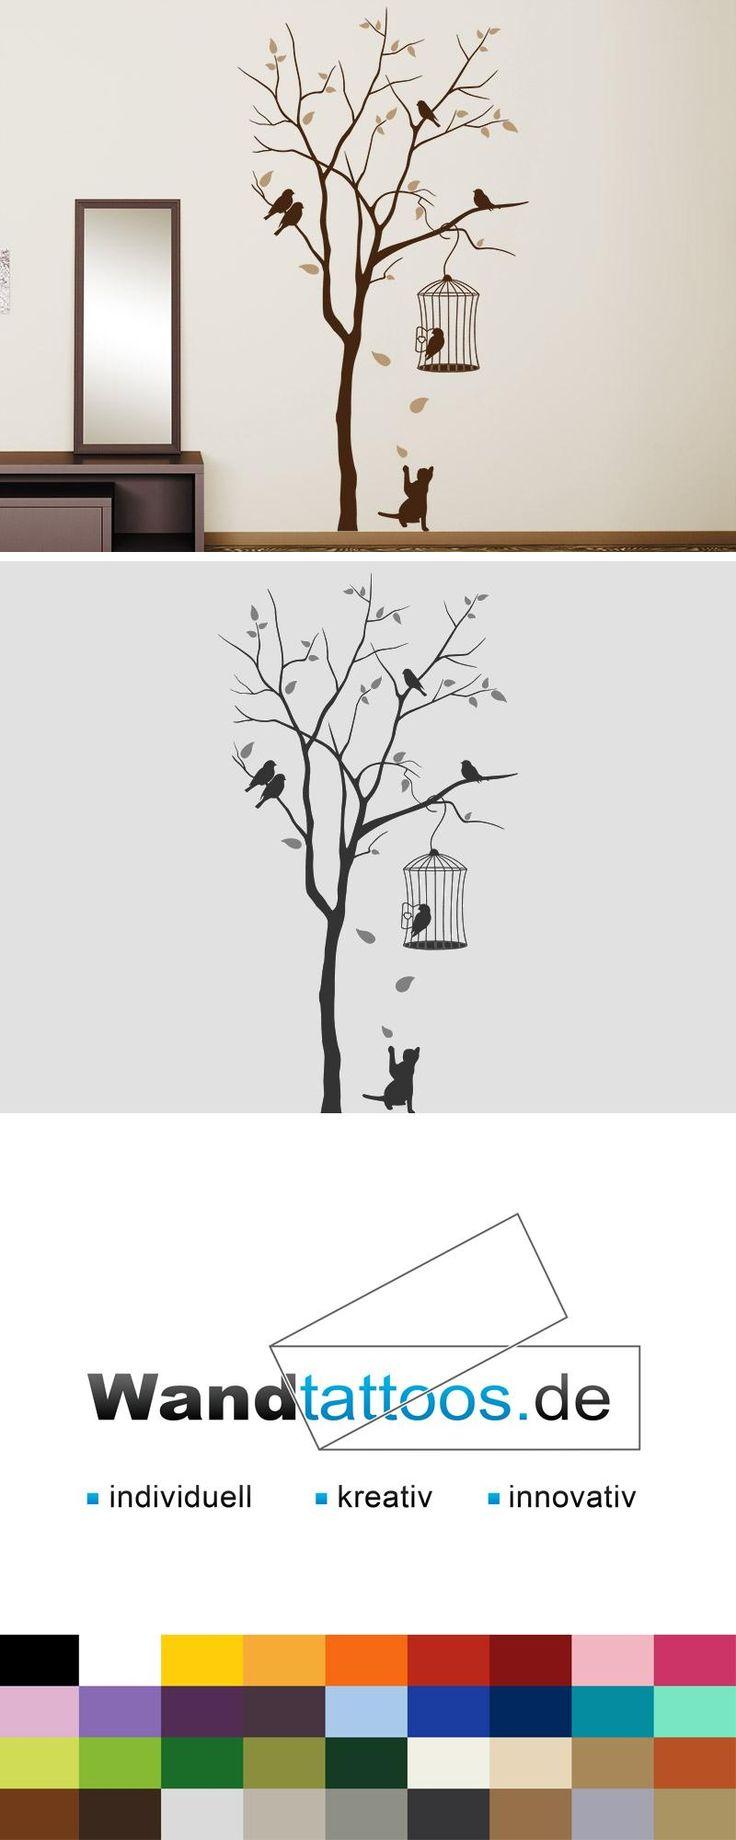 Wandtattoo Katze unterm Baum mit Vogelkäfig als Idee zur individuellen Wandgestaltung. Einfach Lieblingsfarbe und Größe auswählen. Weitere kreative Anregungen von Wandtattoos.de hier entdecken!